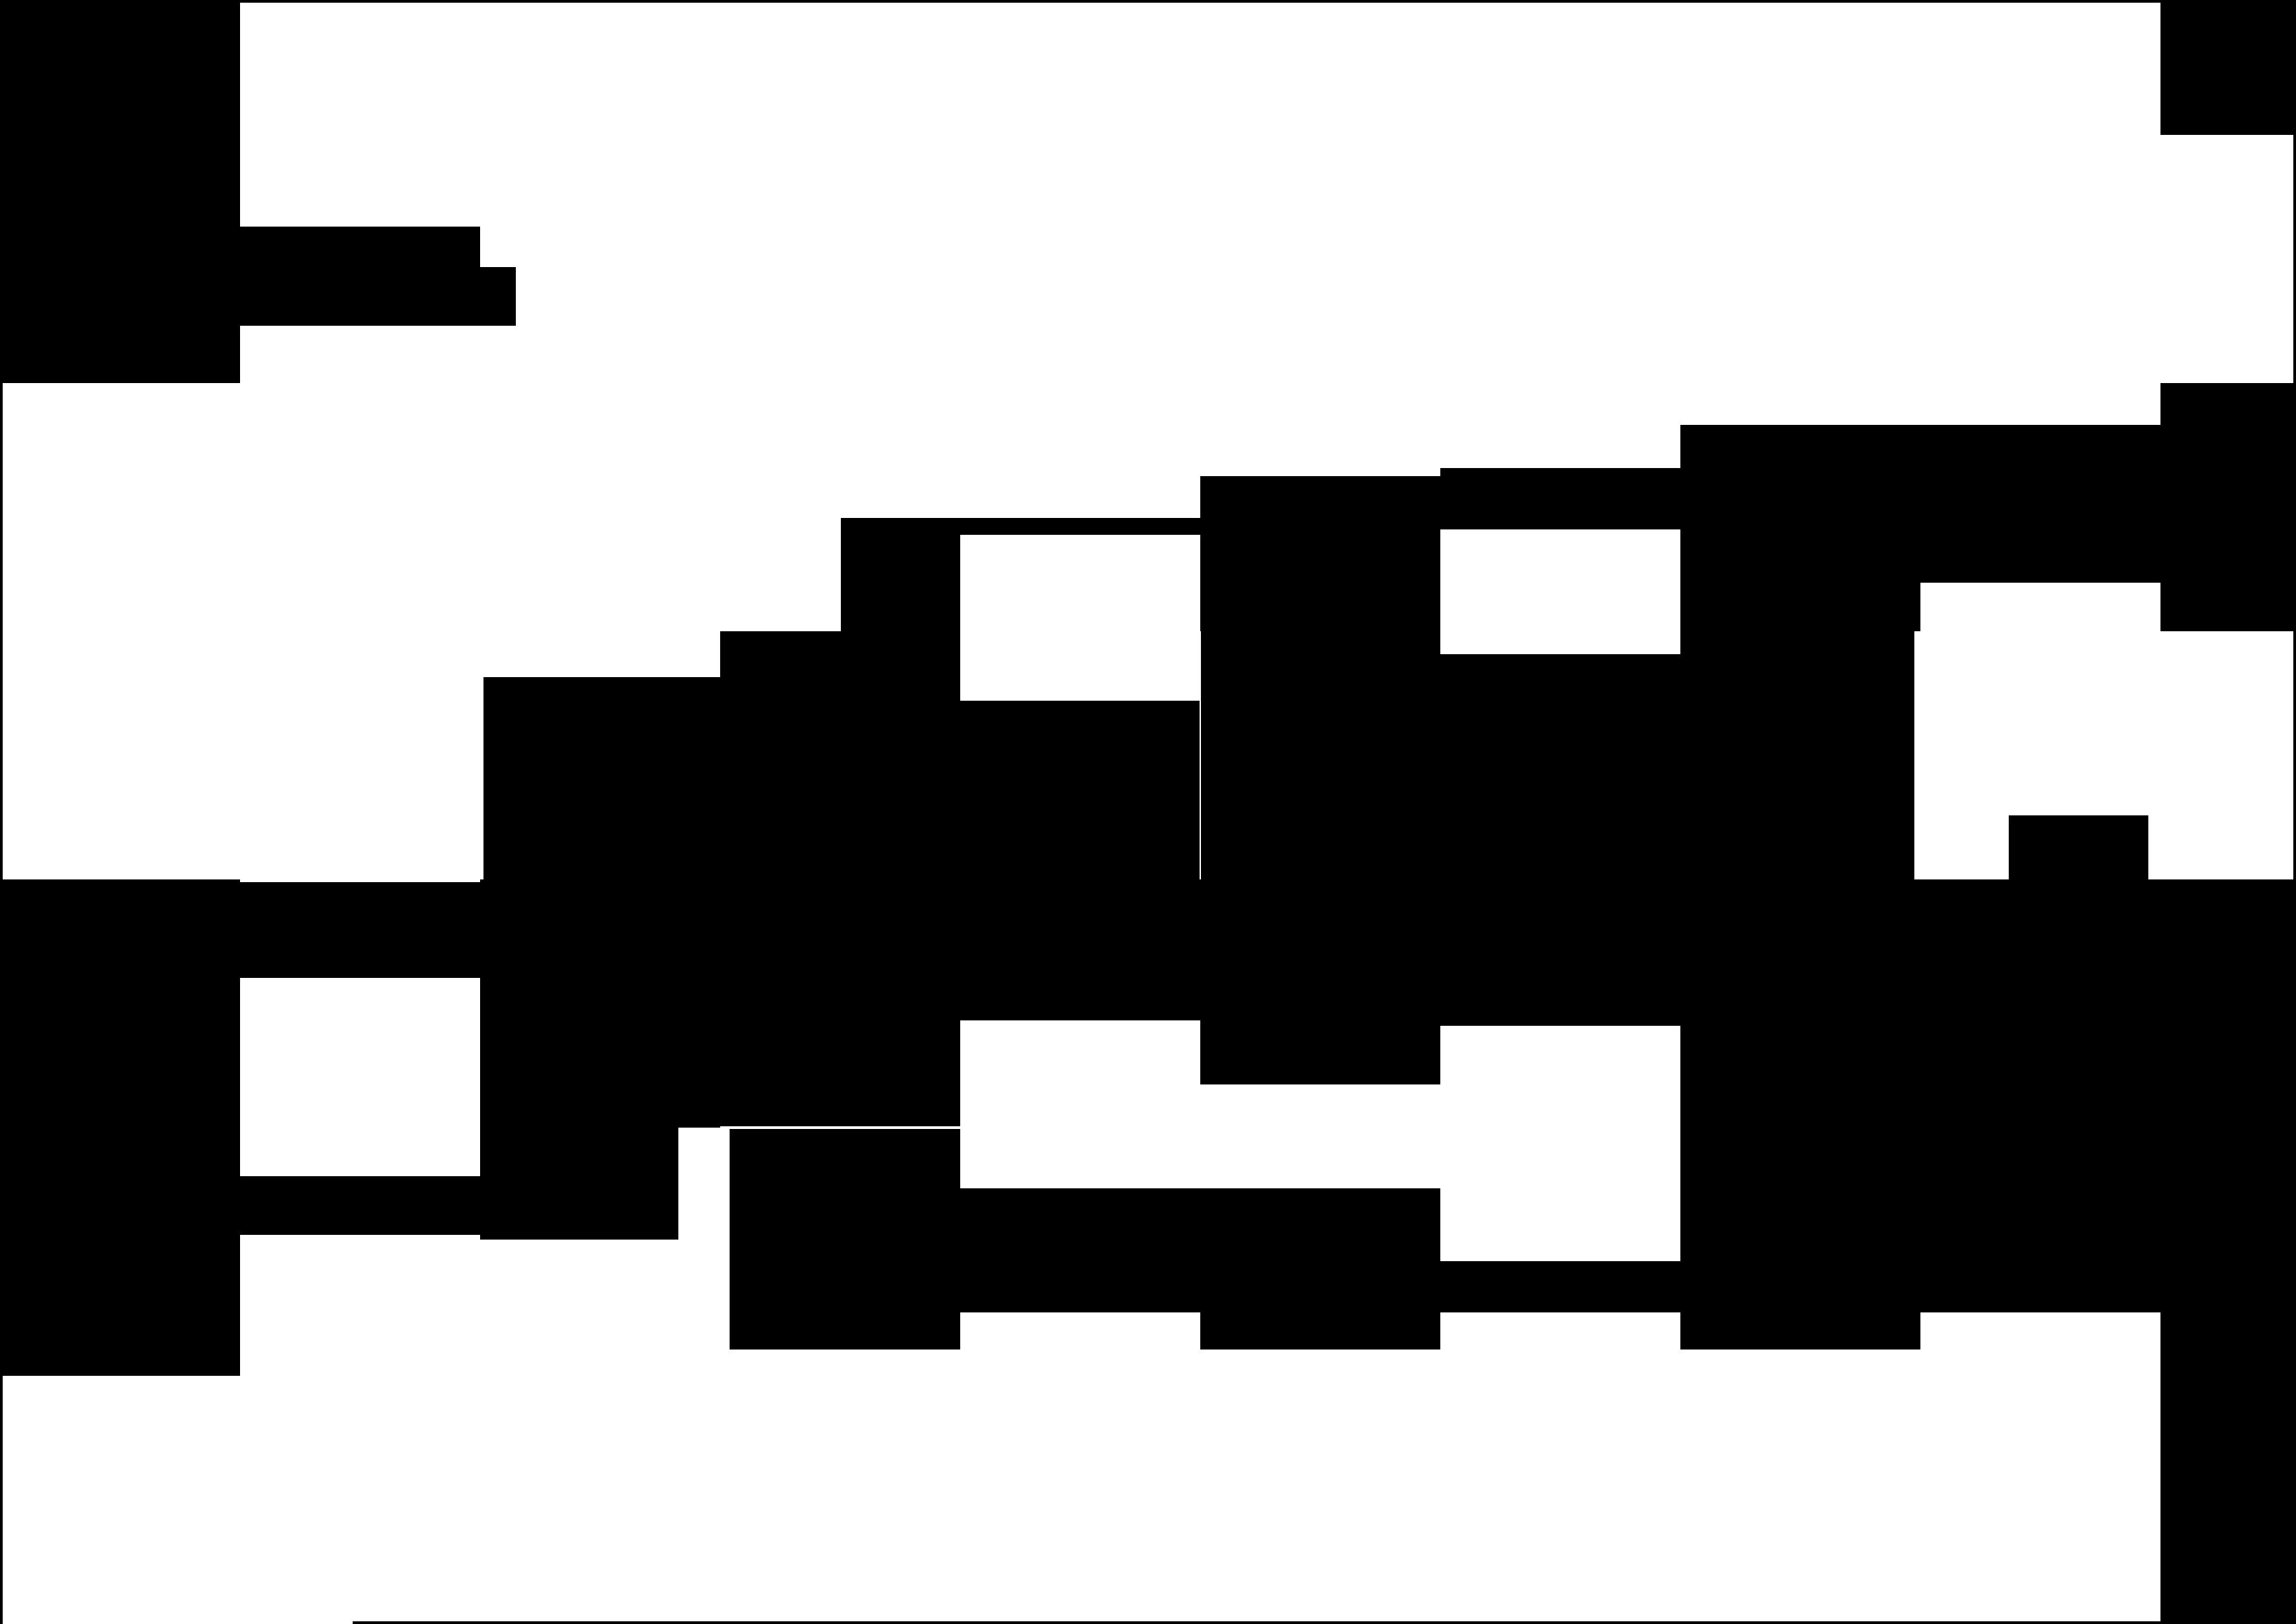 nutgiao01